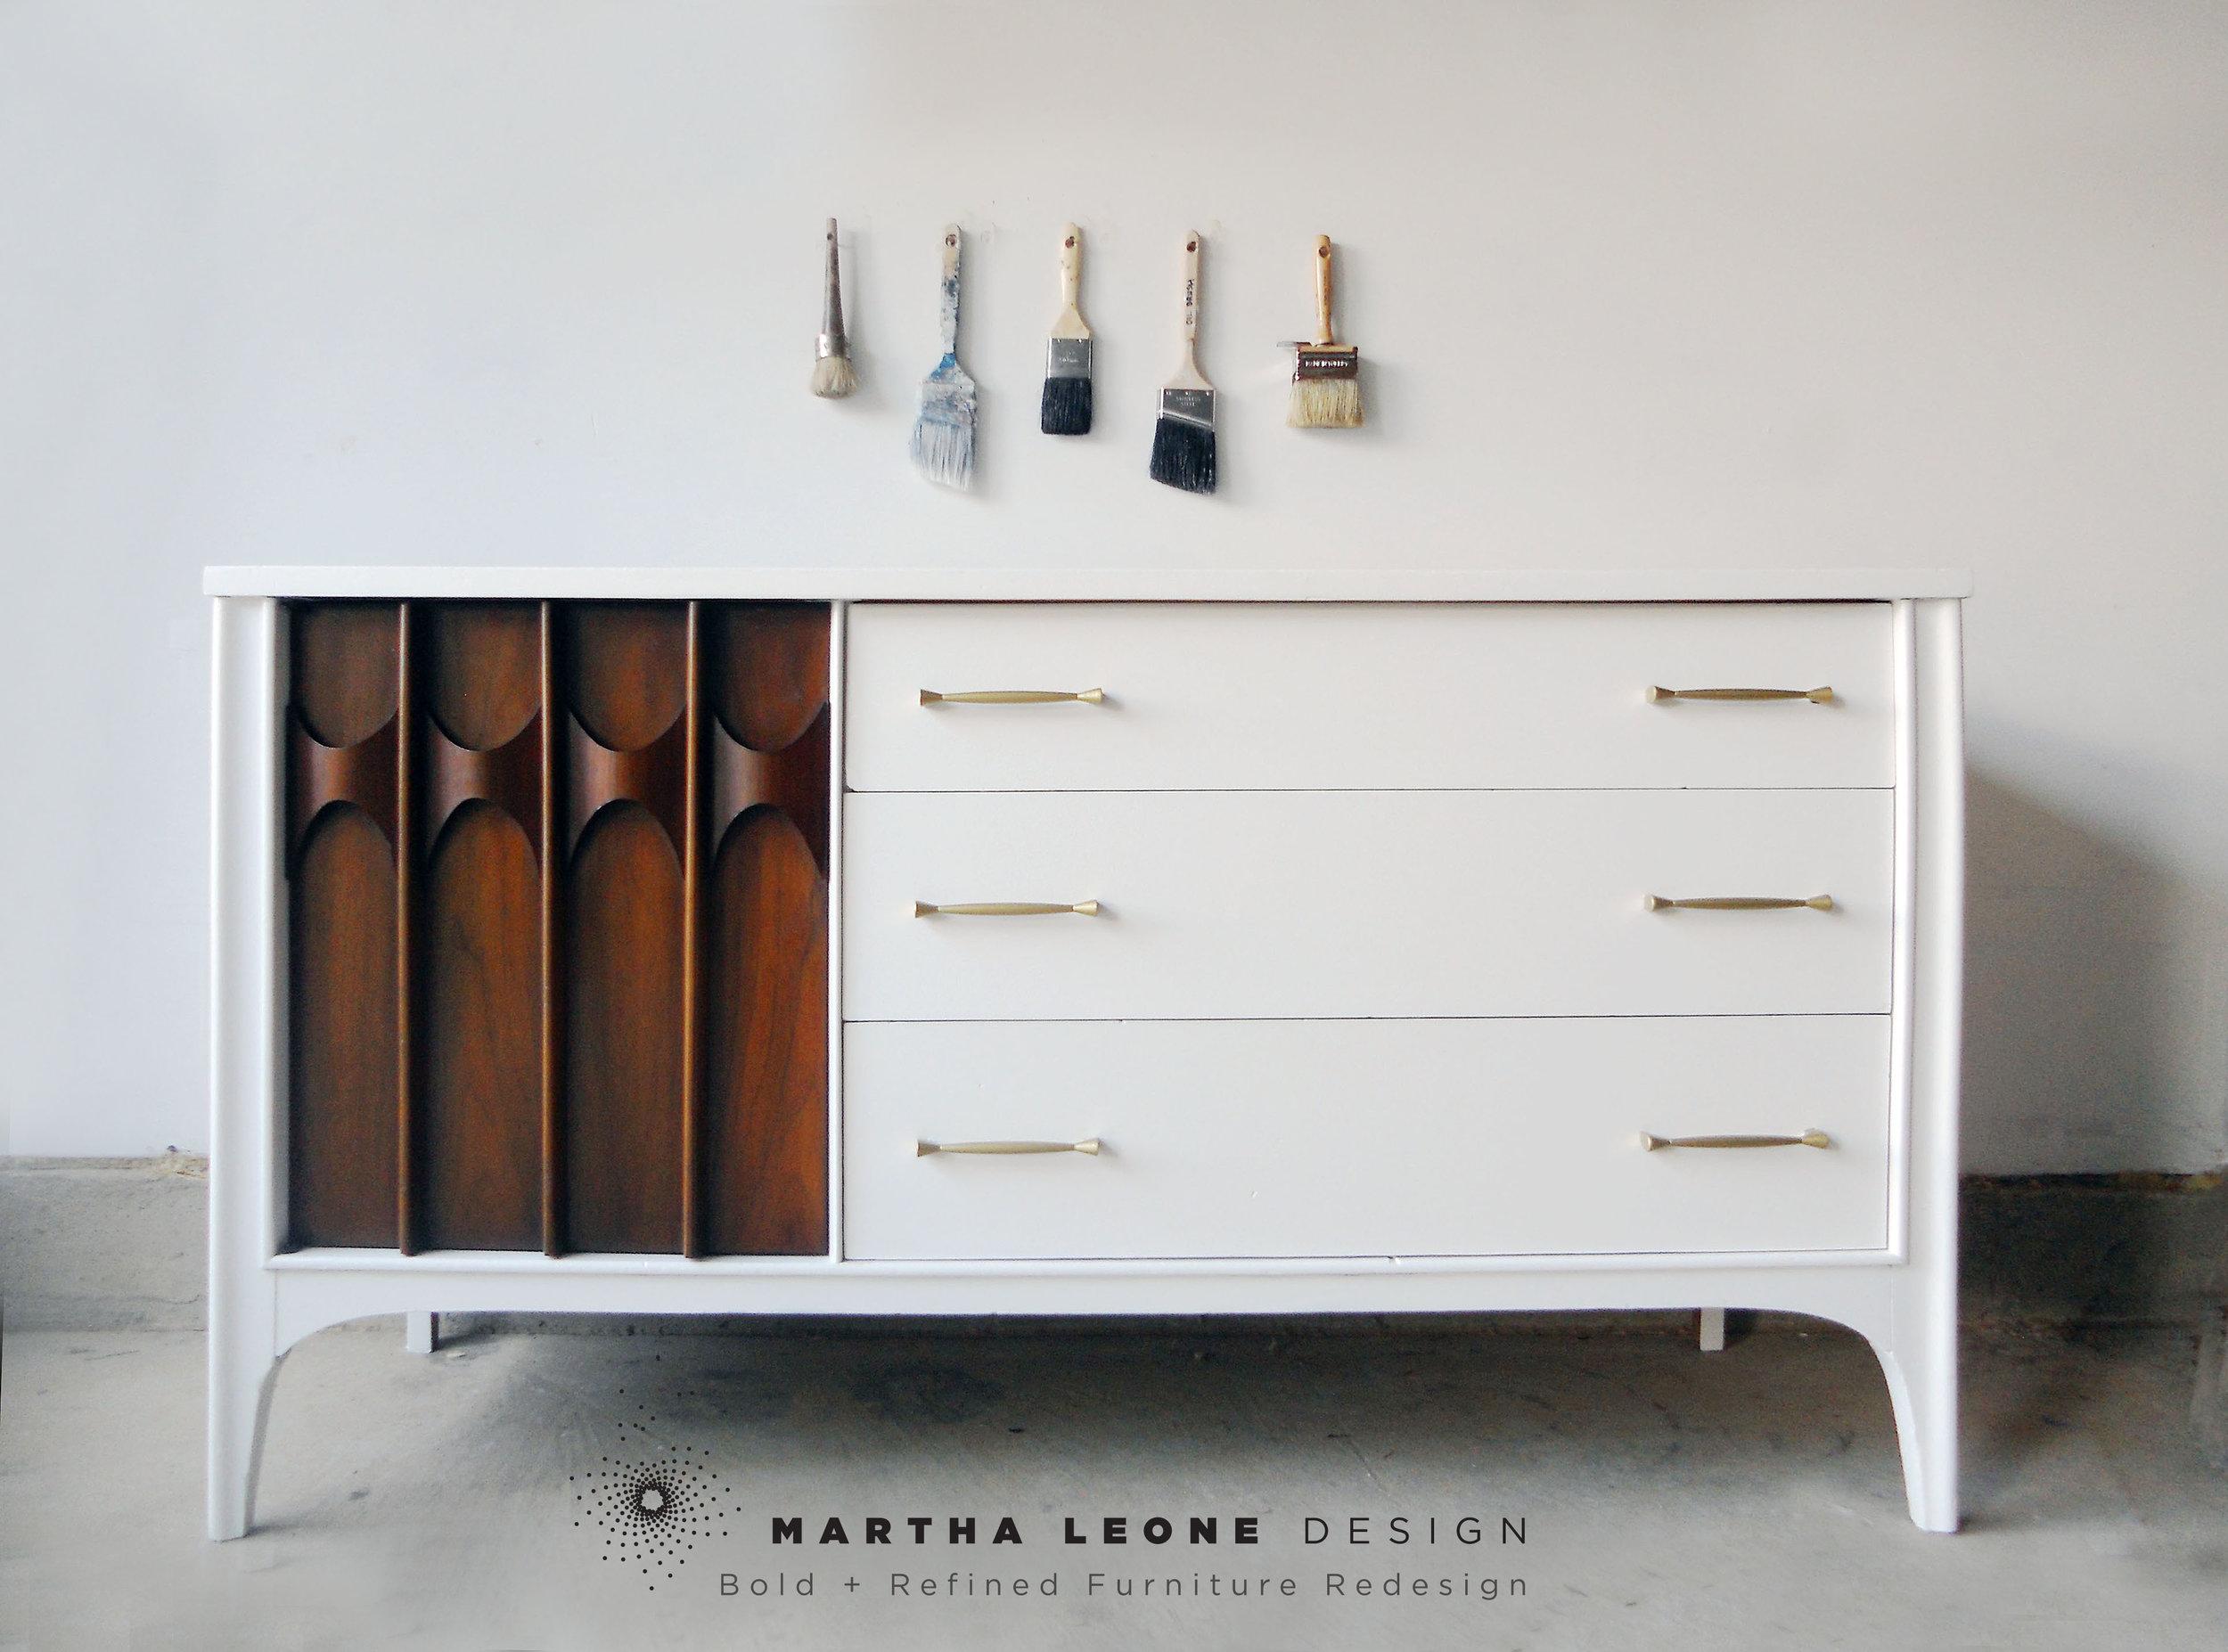 mid century modern, painted mid century furniture, mid century credenza, mid century buffet